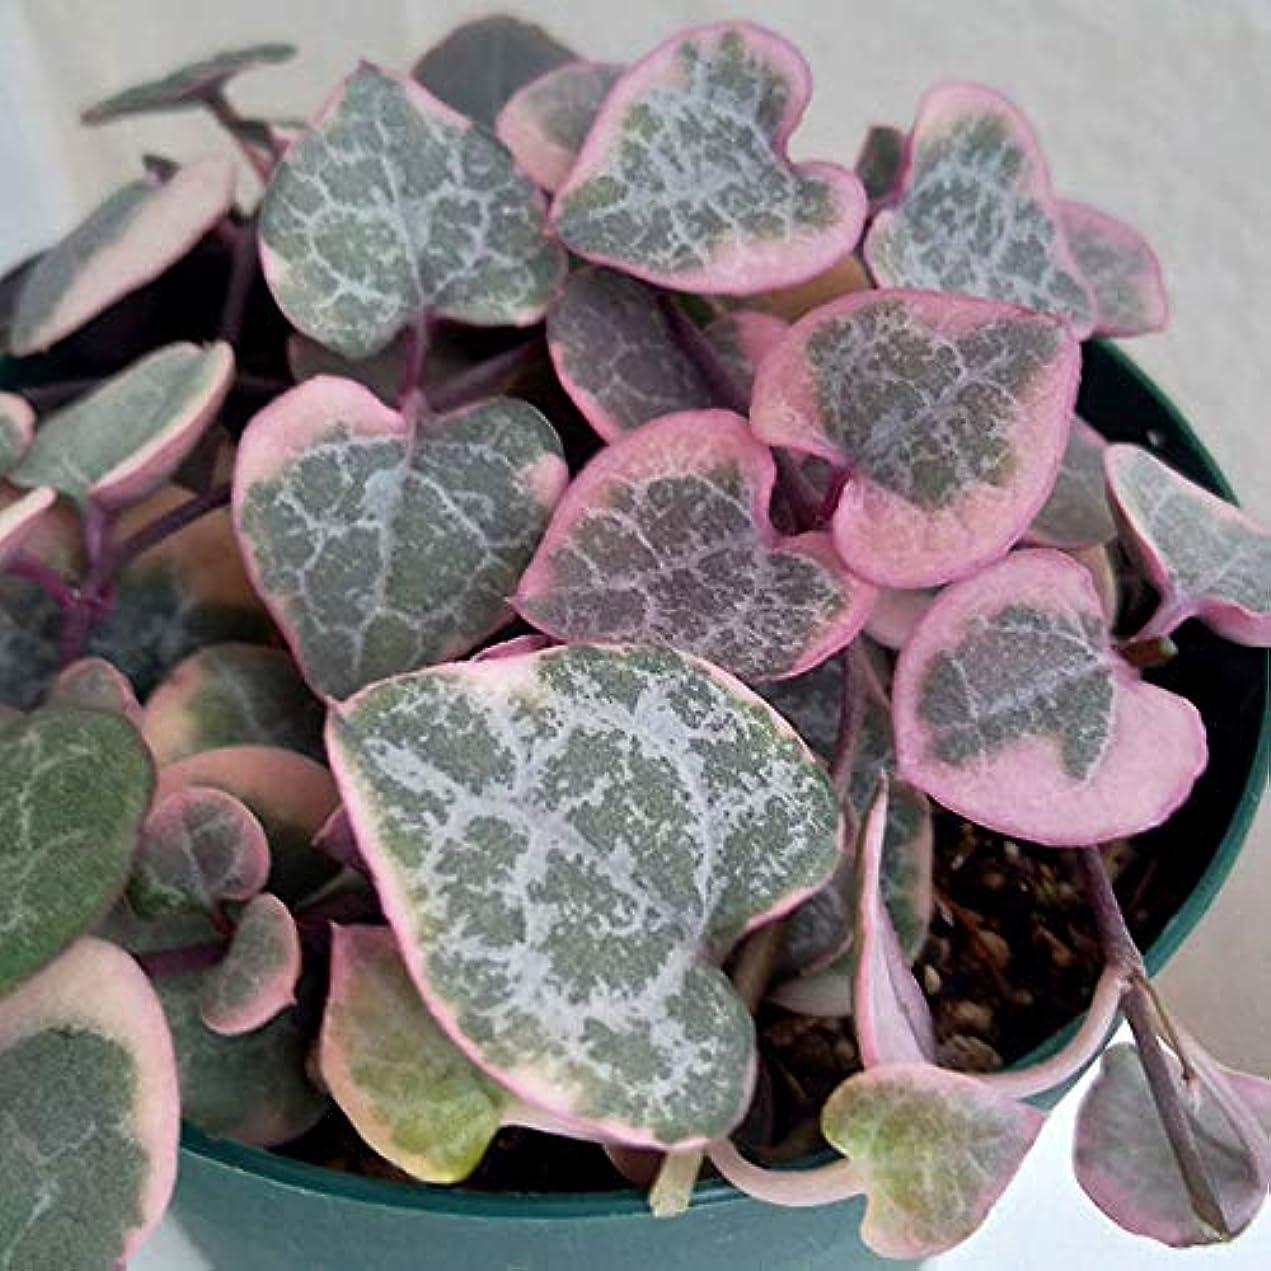 快いしないノミネートハートカズラ(セロペギア?ウッディ):レディハート3号ポット 2株セット[ホワイトピンクのハート形の葉が可愛いつる性植物!]